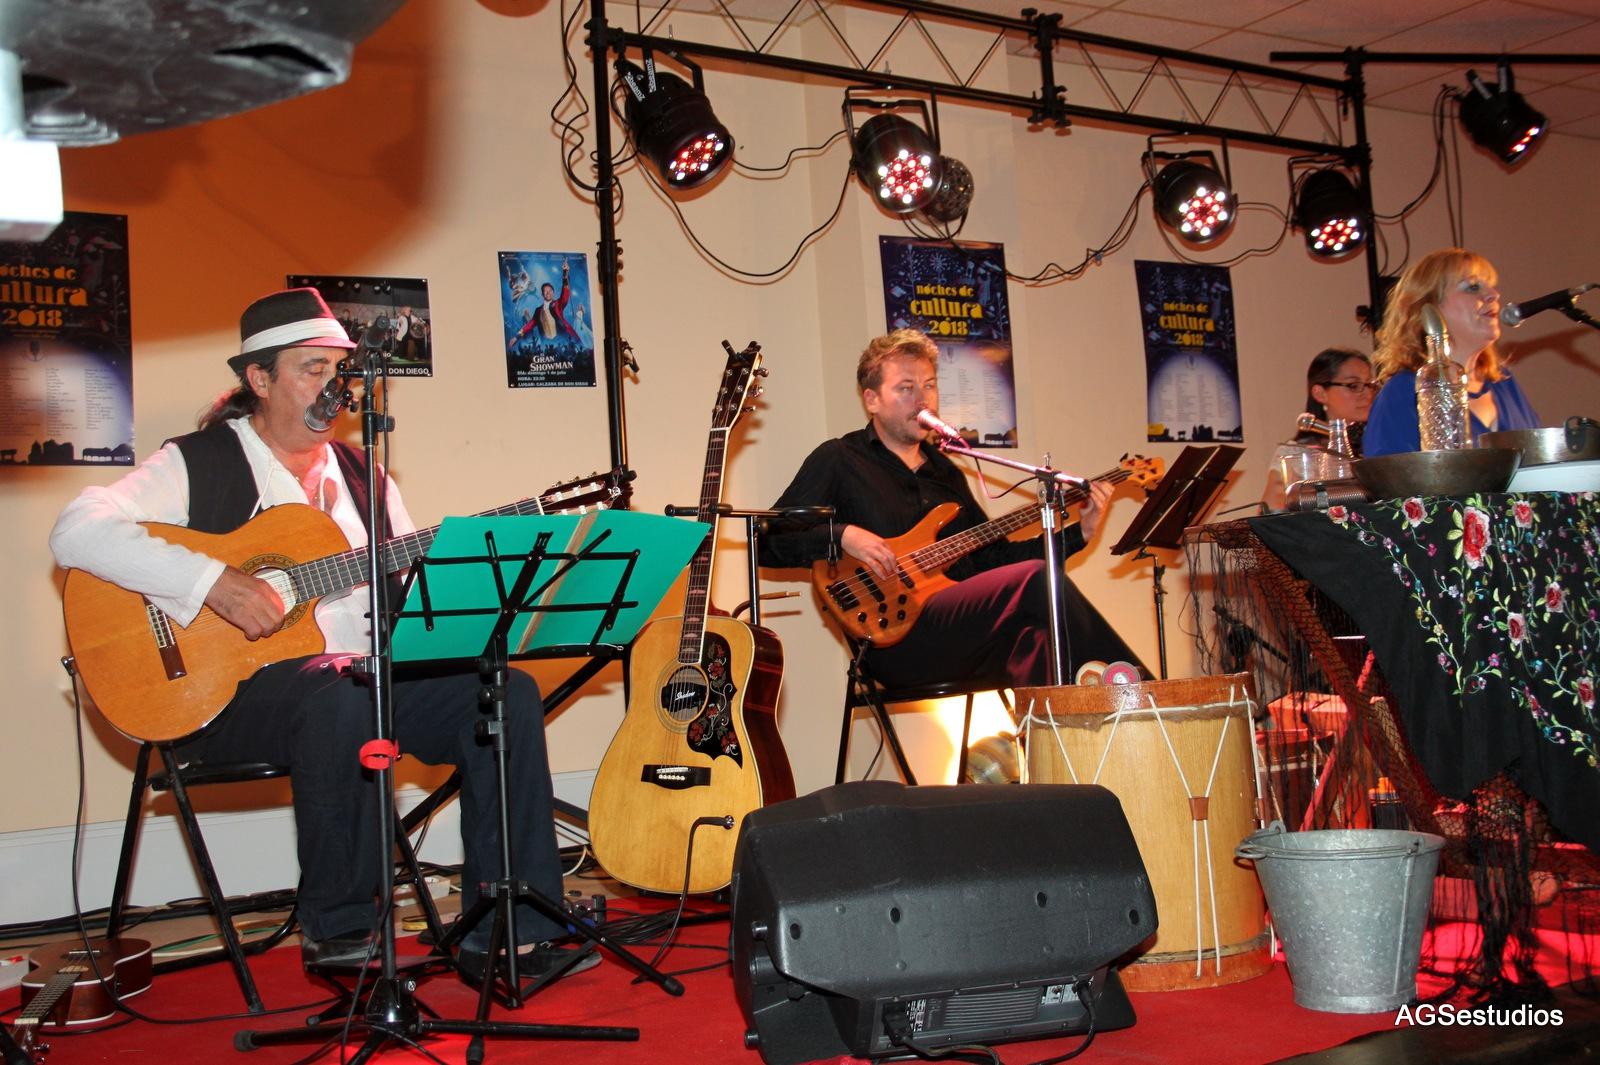 Concierto Música Tradicional en Calzada de Don Diego (Salamanca)